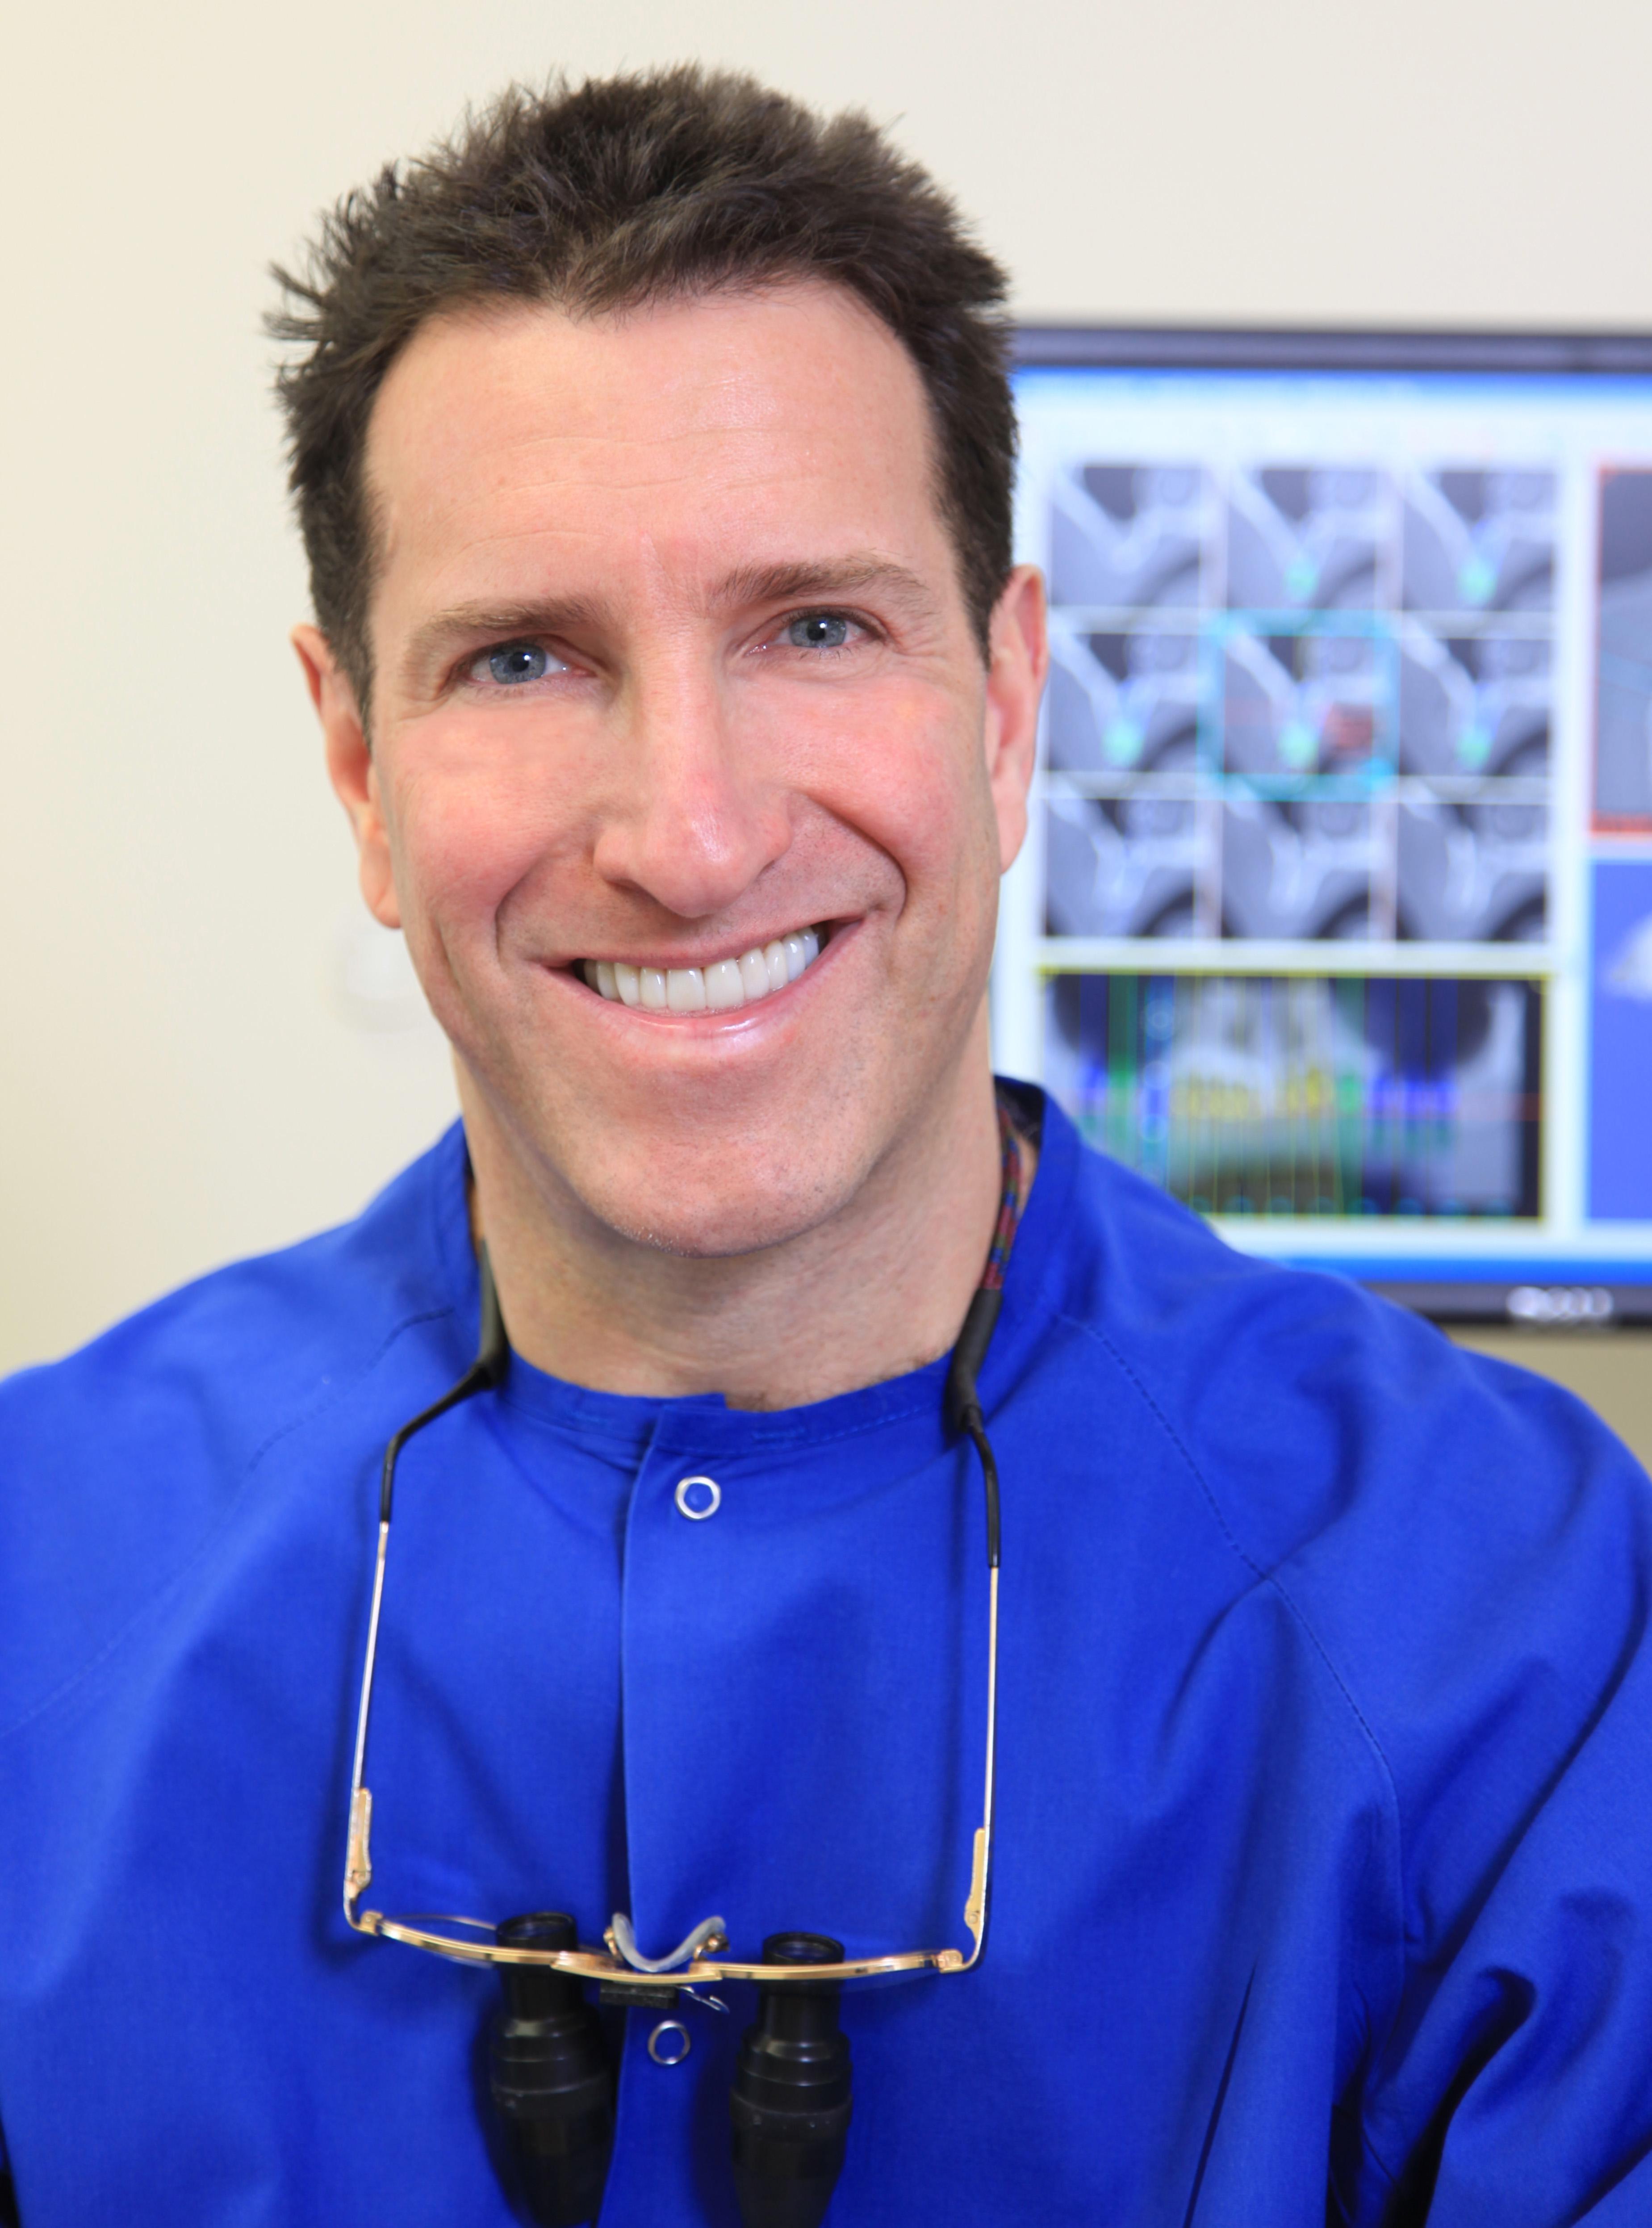 Dr. Michael Tischler of Tischler Dental | Woodstock, NY